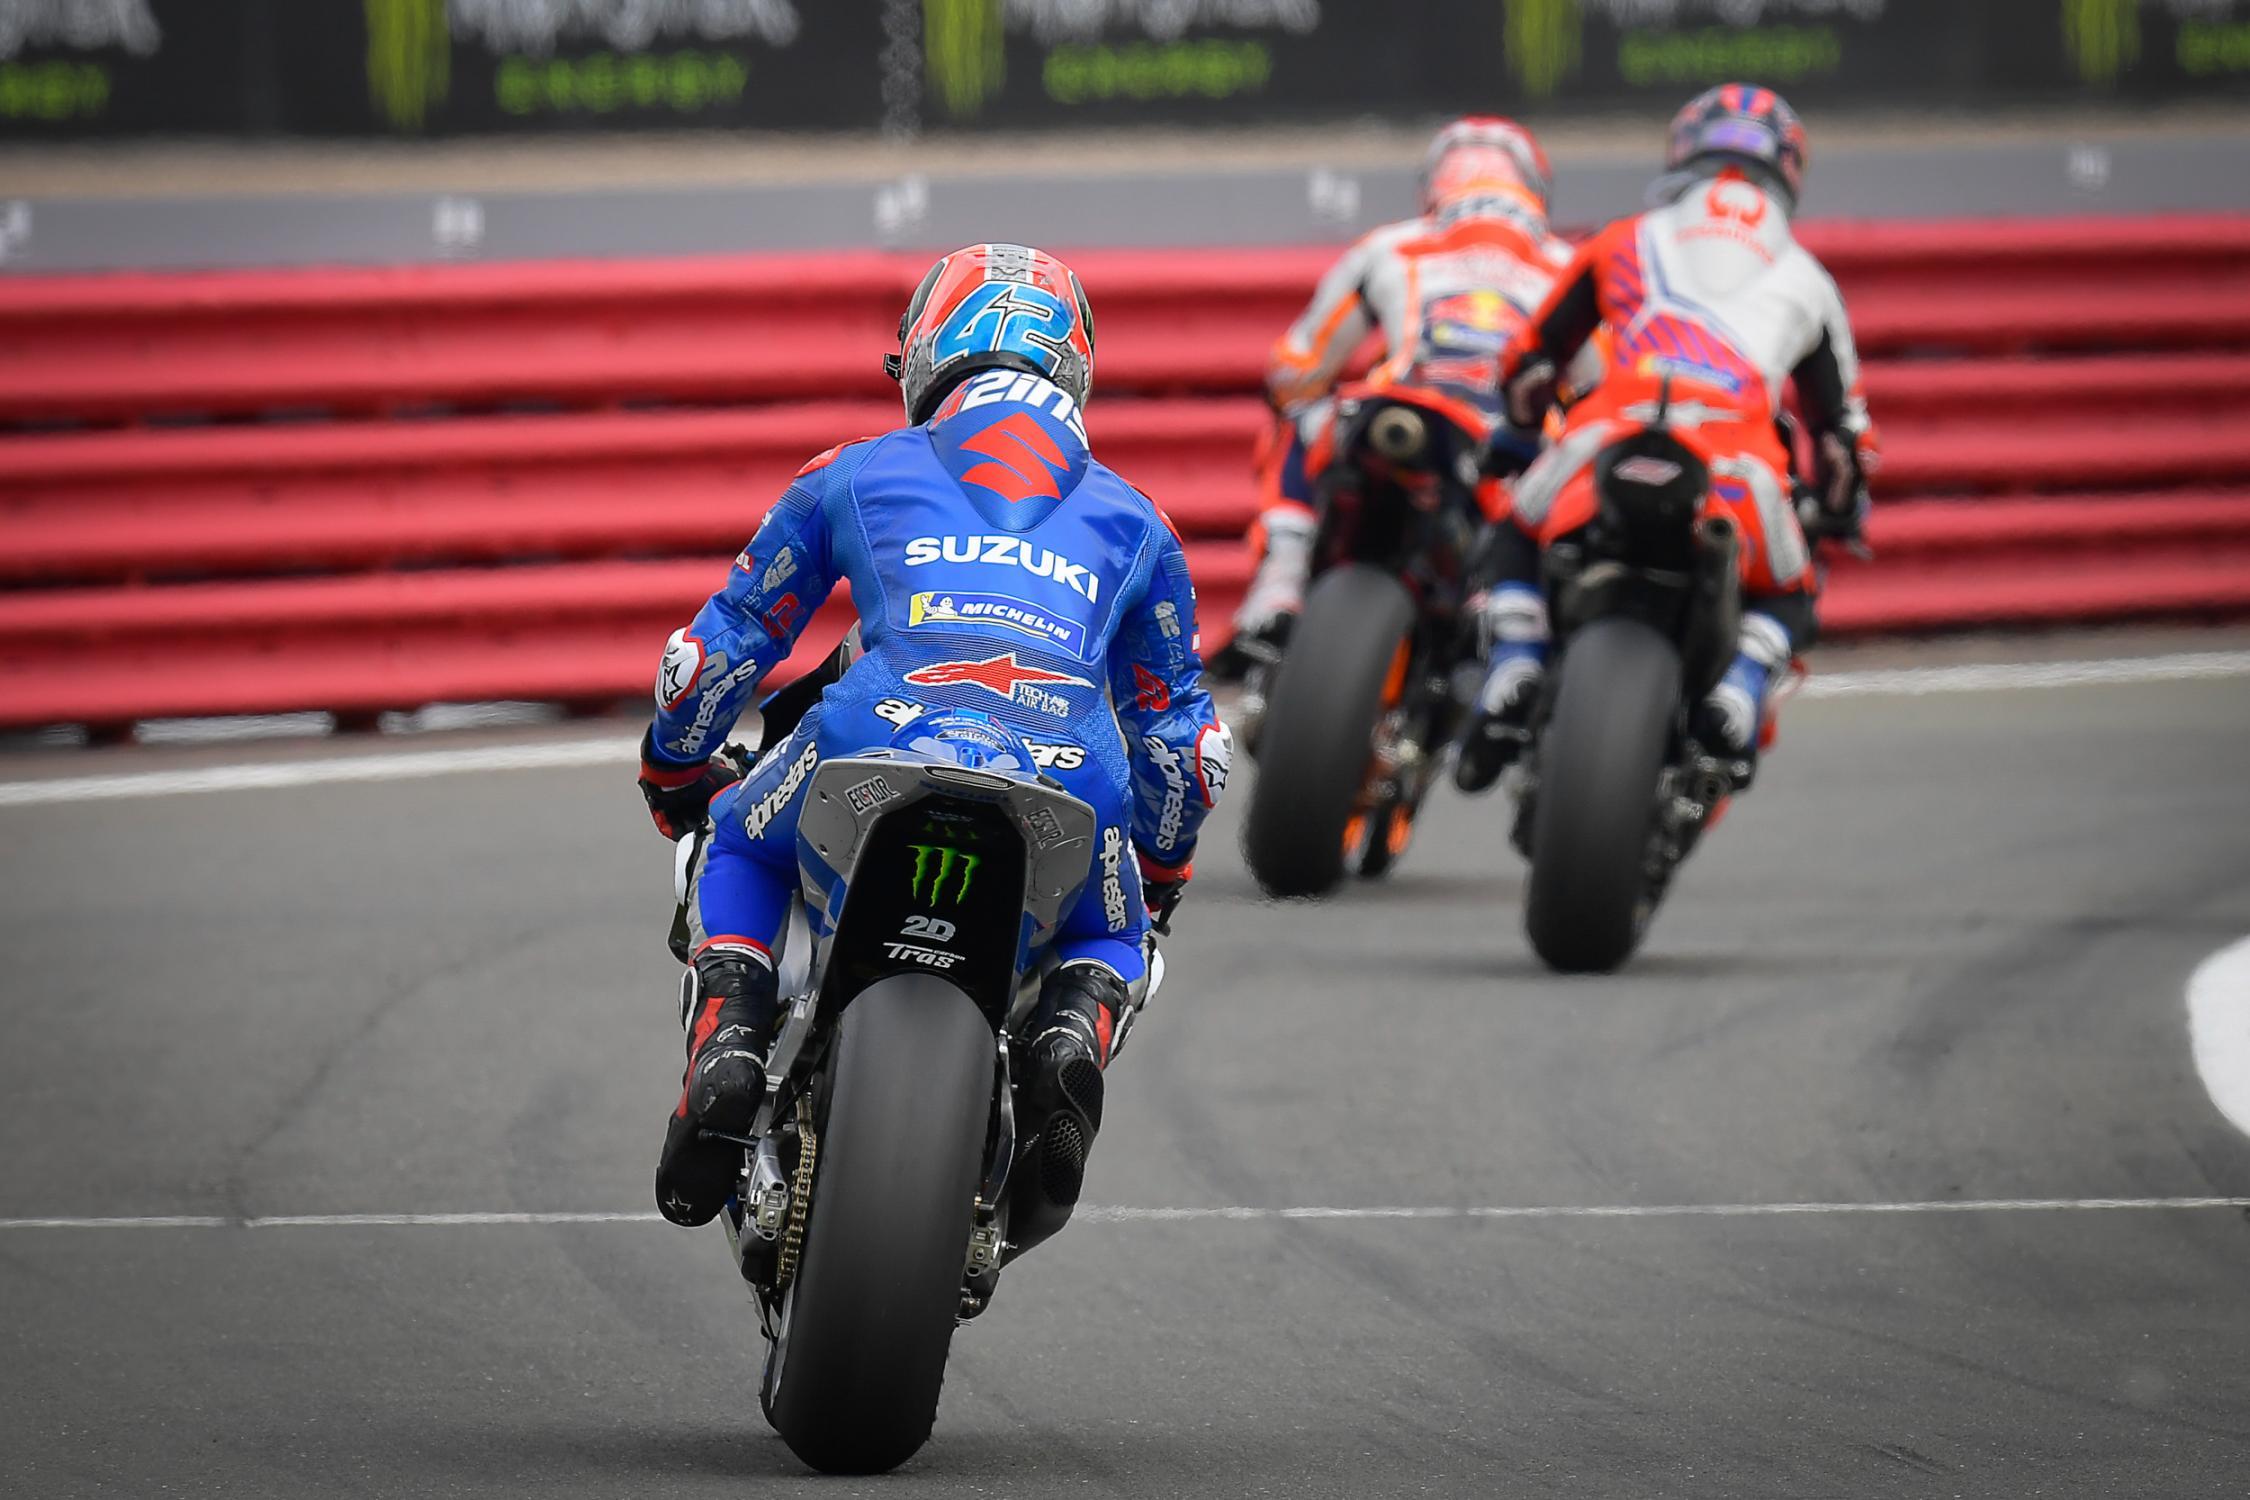 Alex Rins, Monster Energy British Grand Prix, Team Suzuki Ecstar